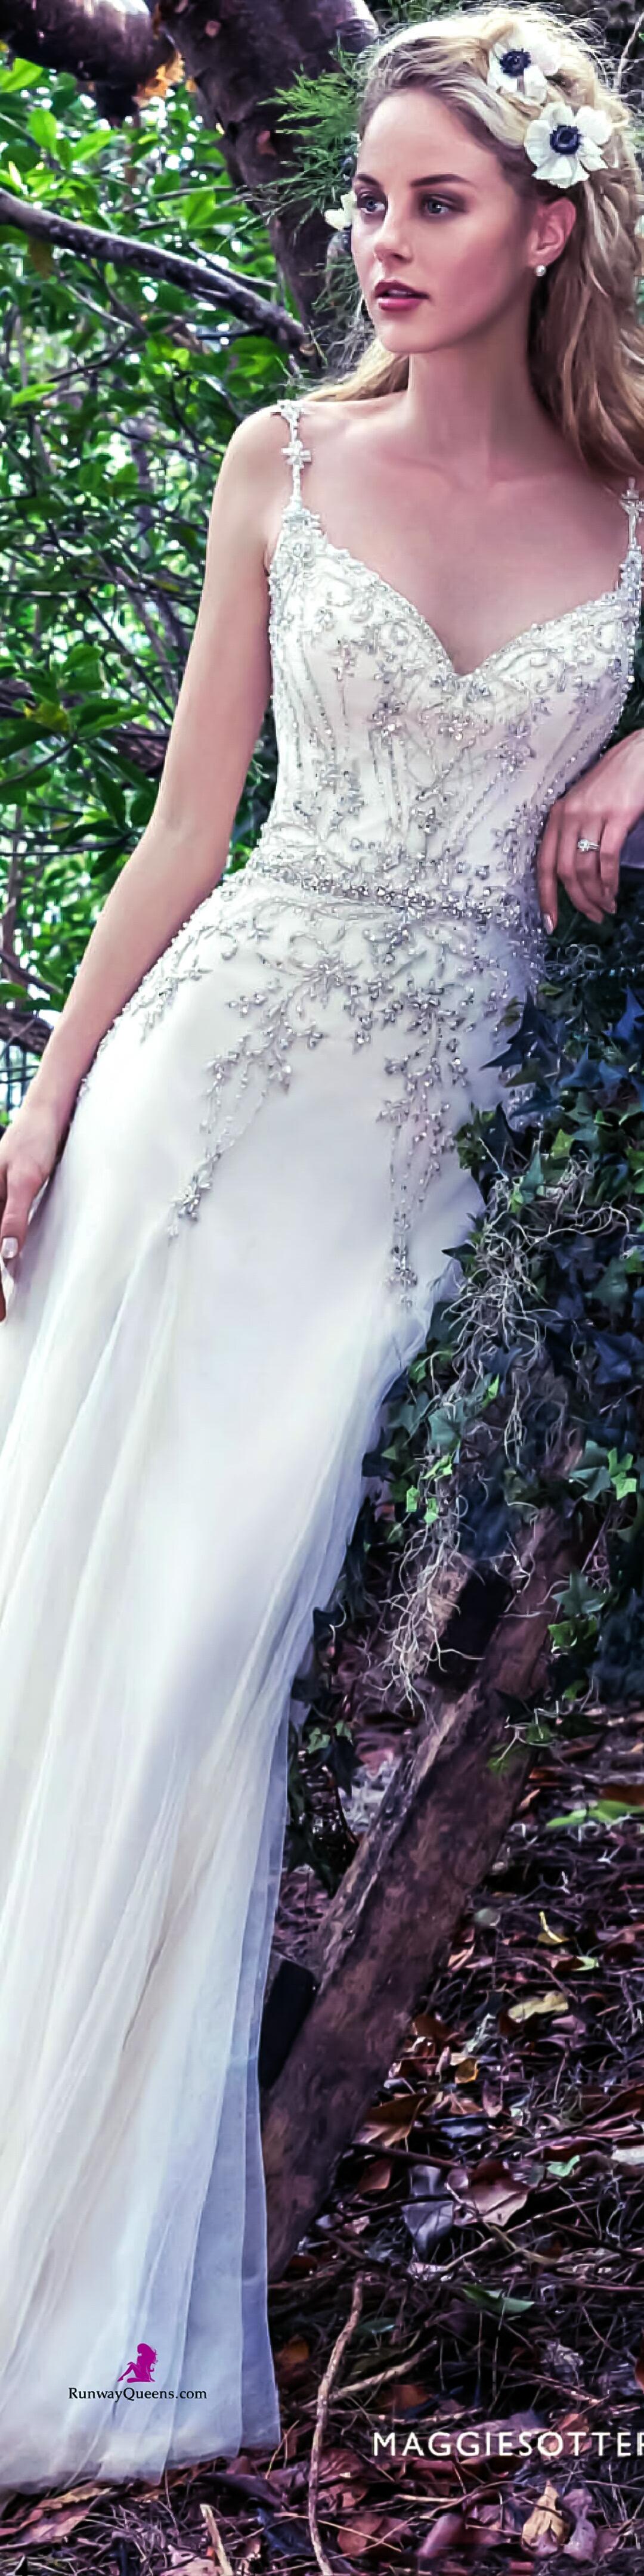 Maggie Sottero, Fashion 2017, white, golden embroi